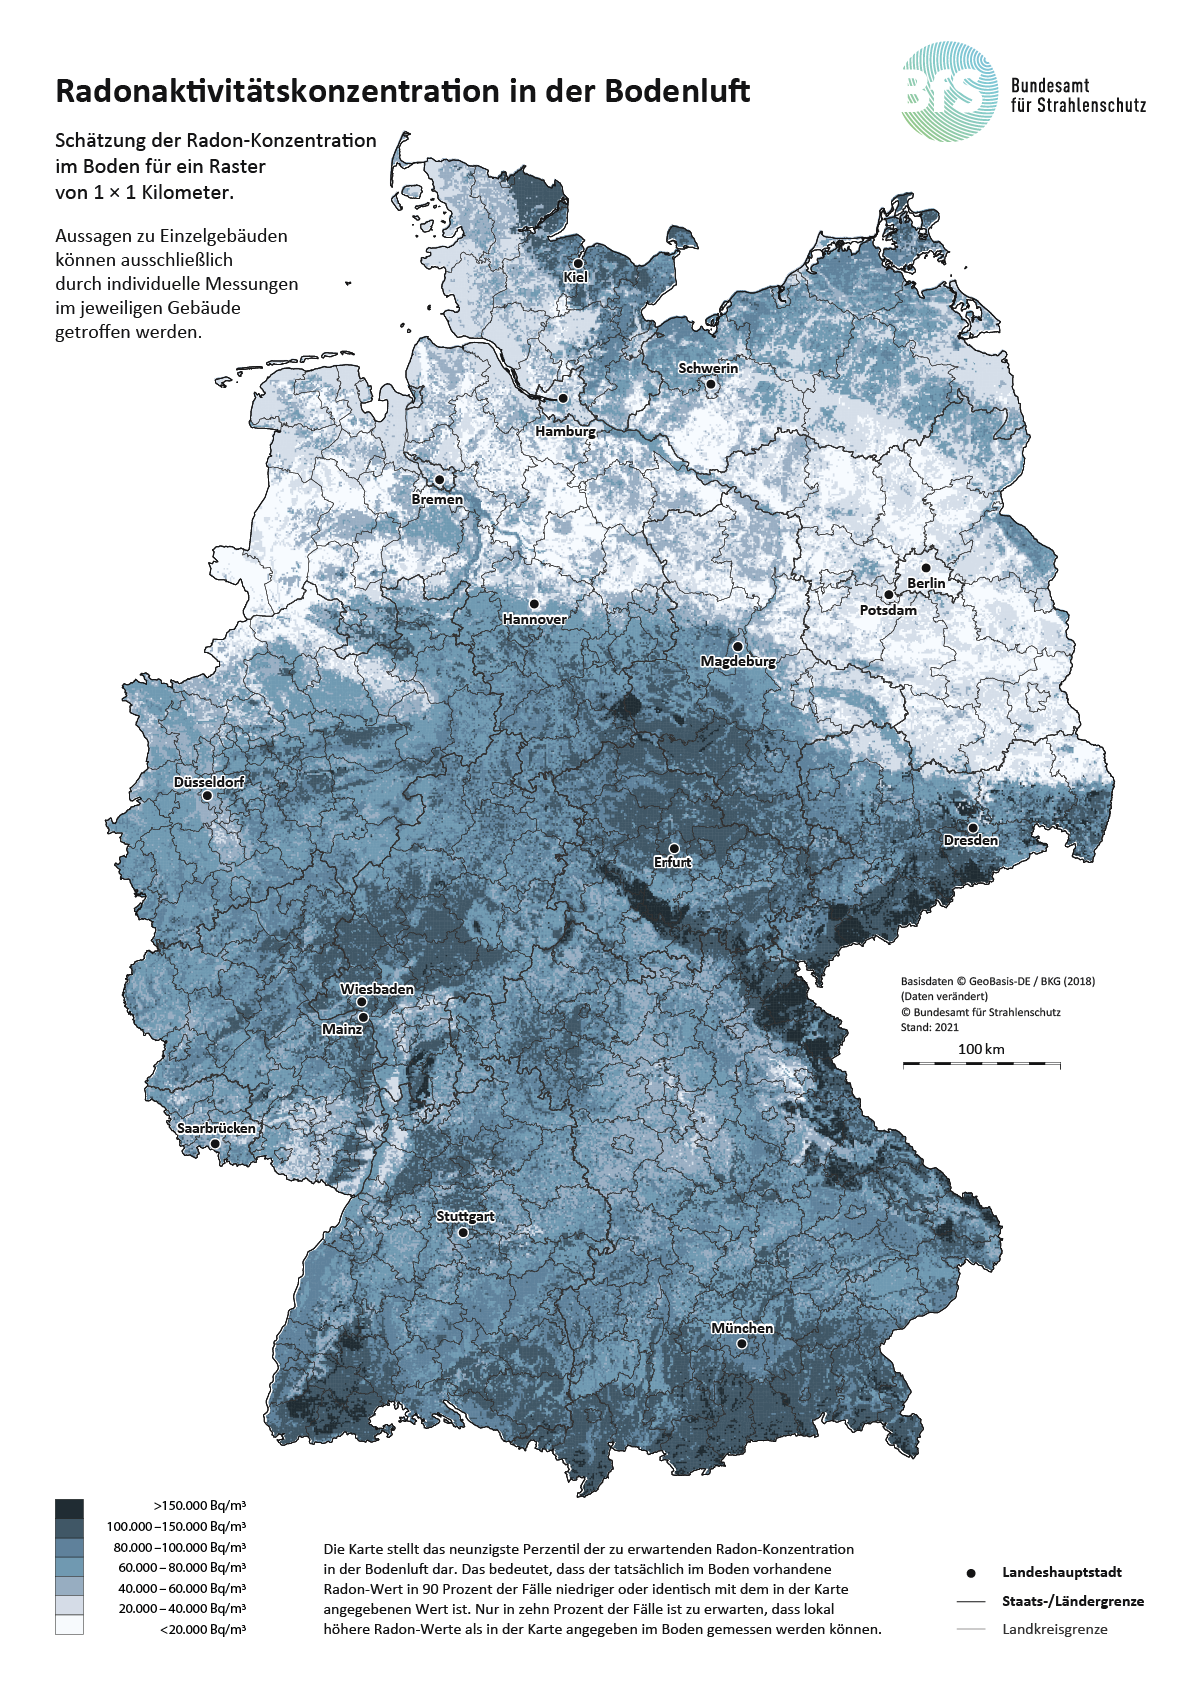 Kulturelle Landpartie Karte.Luchow Dannenberg Kaum Radon Belastung In Bodenluft